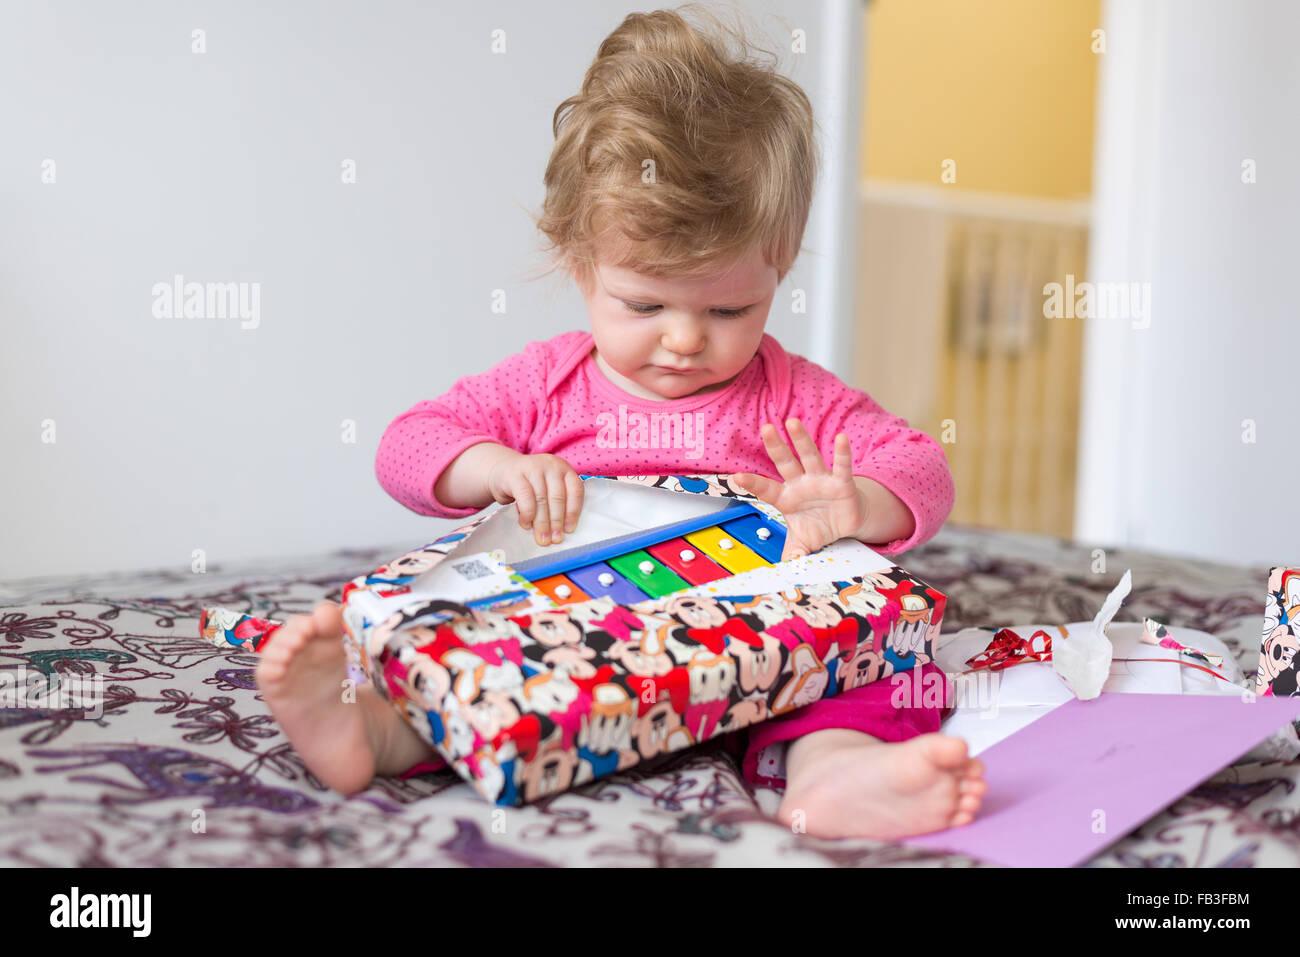 Bebé de Un año de edad desembalaje de regalo de cumpleaños Imagen De Stock